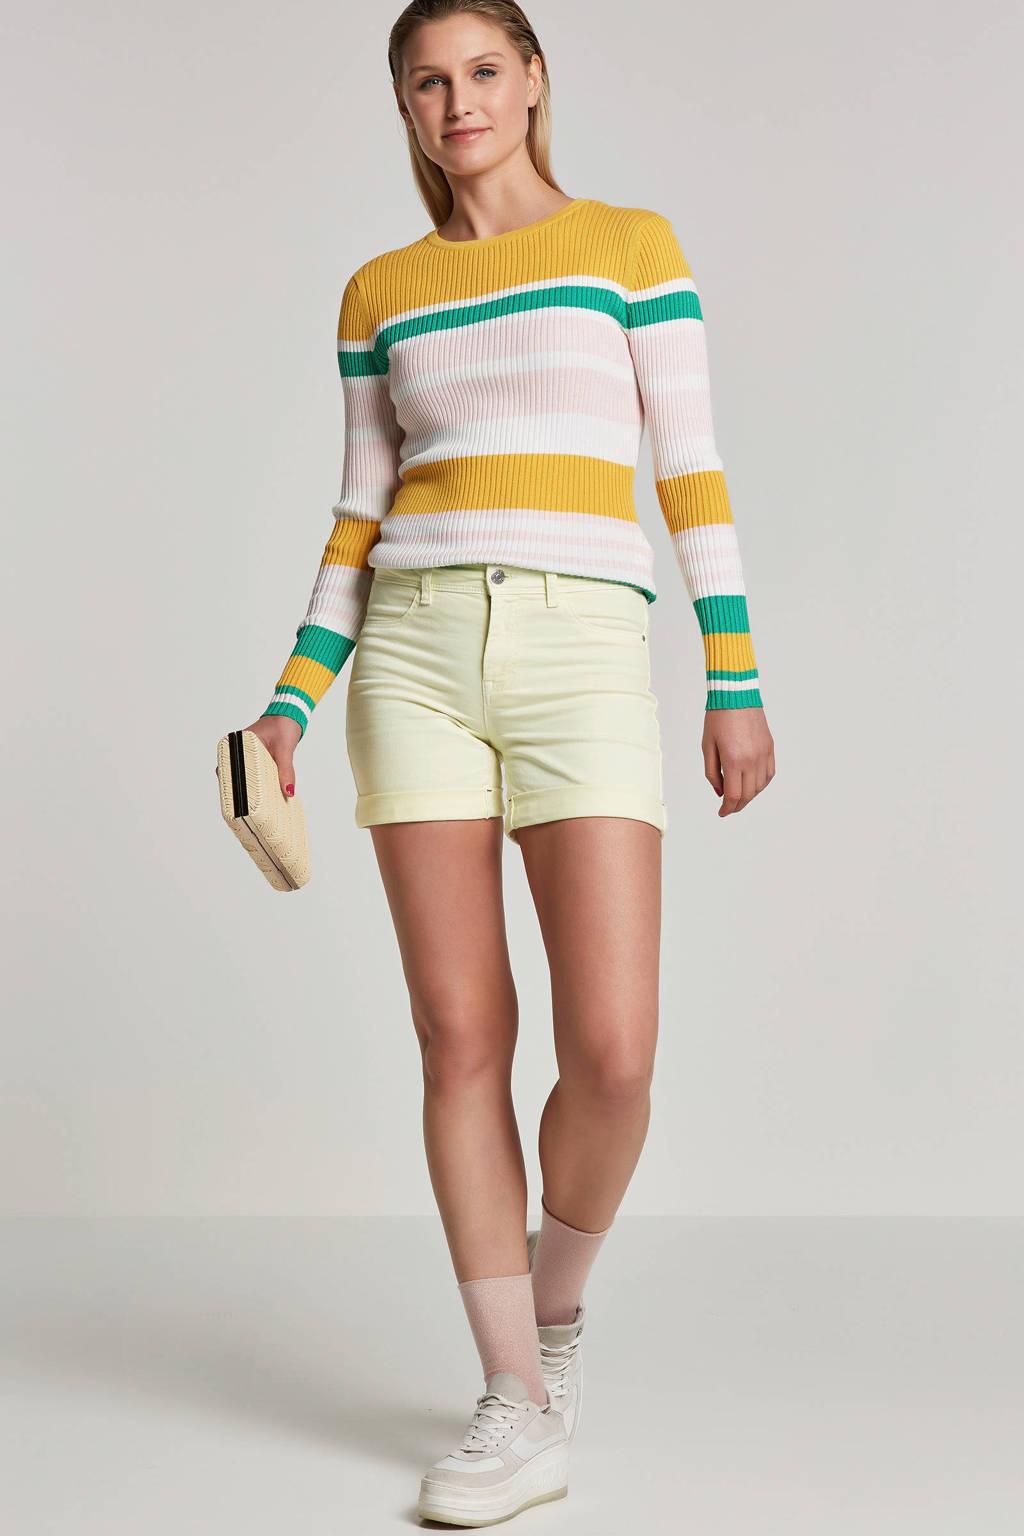 ONLY gestreepte trui geel/roze/wit/groen, Geel/roze/wit/groen